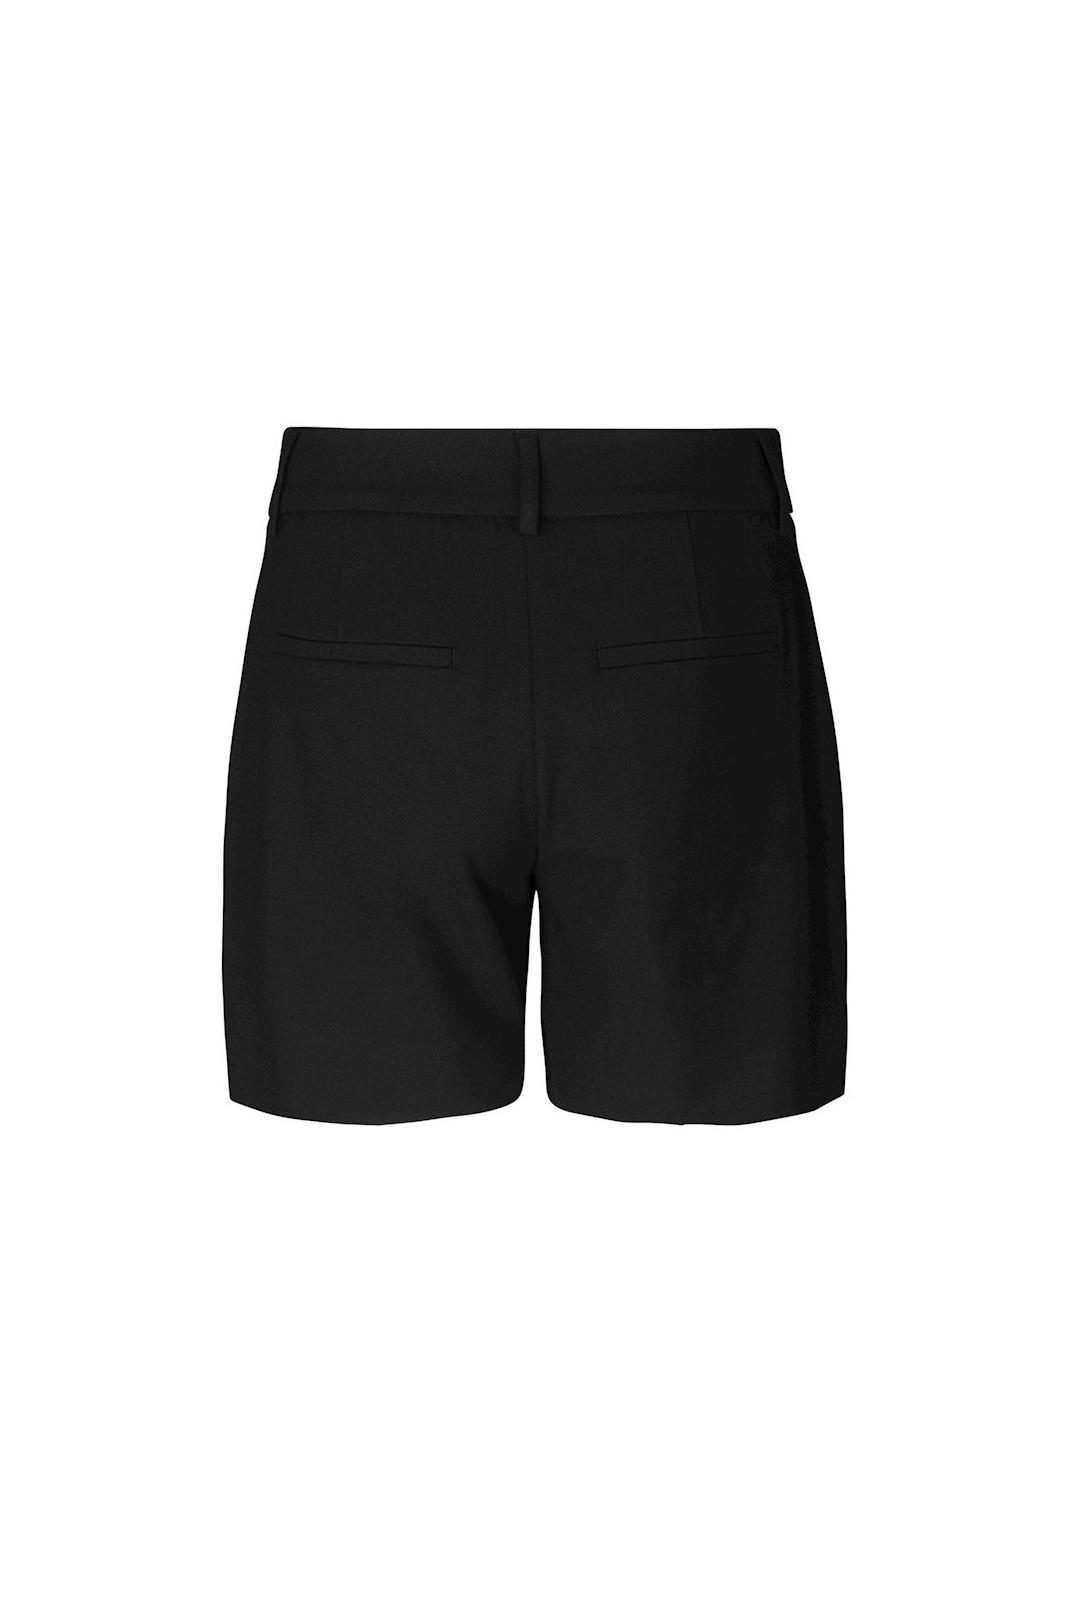 Dena Shorts 396 - Black-5